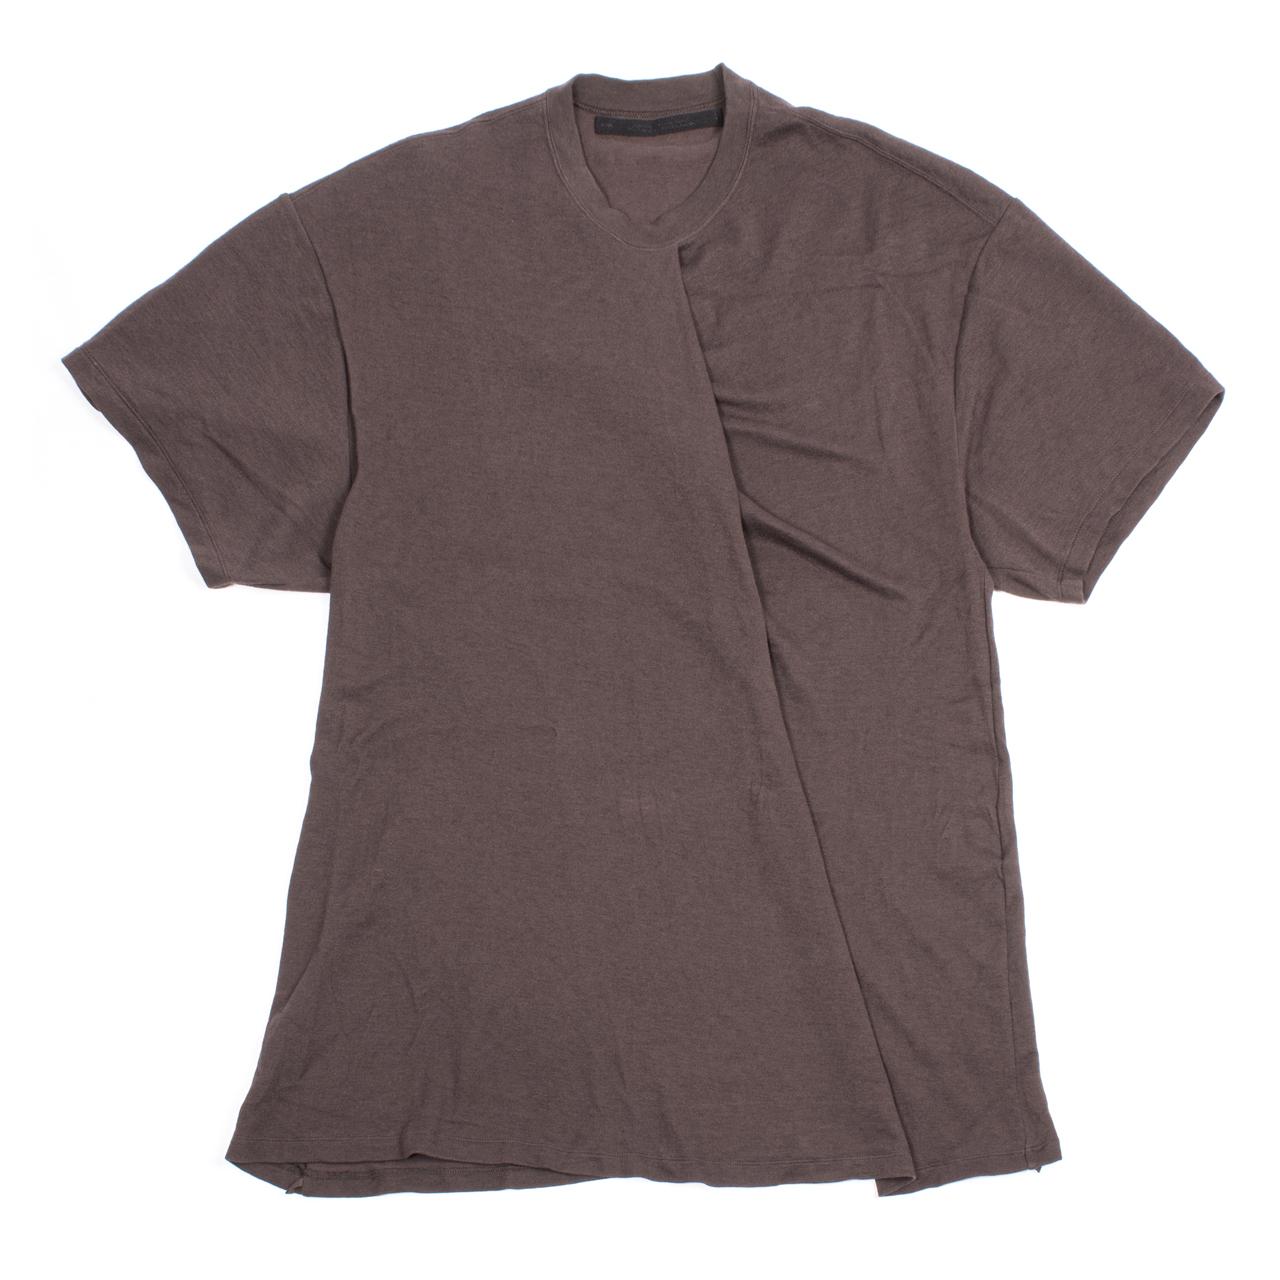 717CUM5-DARK BROWN / タックドカラーTシャツ